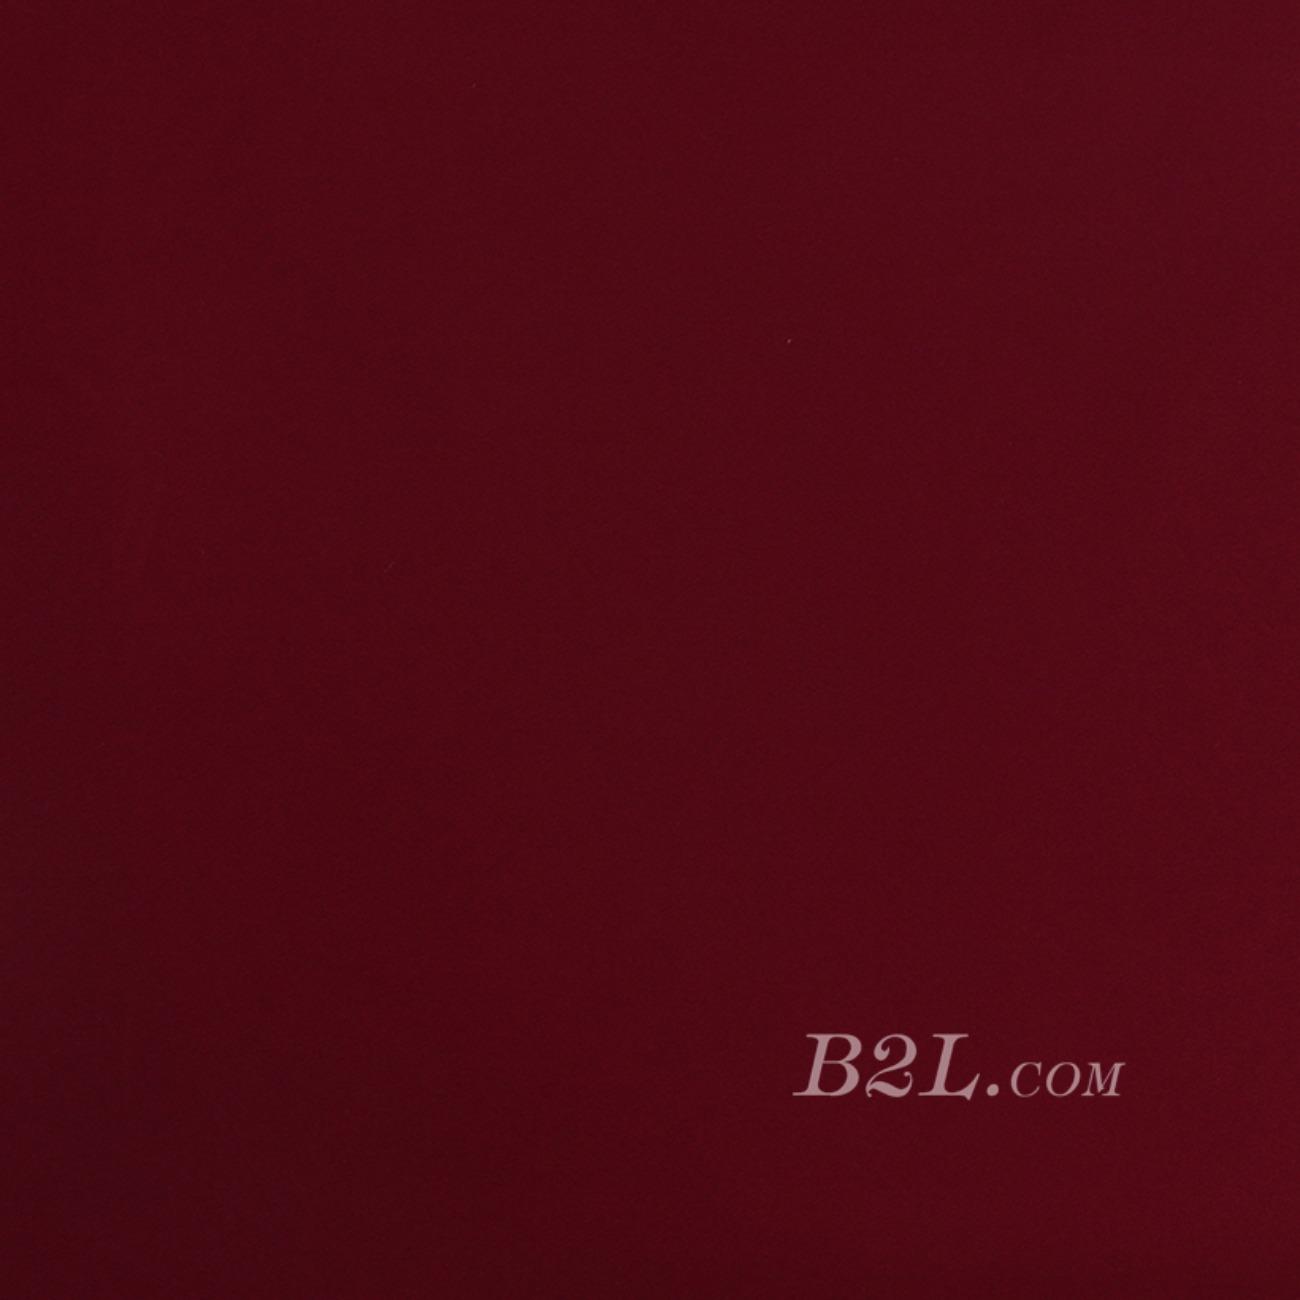 平纹梭织素色染色双层连衣裙 短裙 衬衫 低弹 春 秋 柔软 70703-1